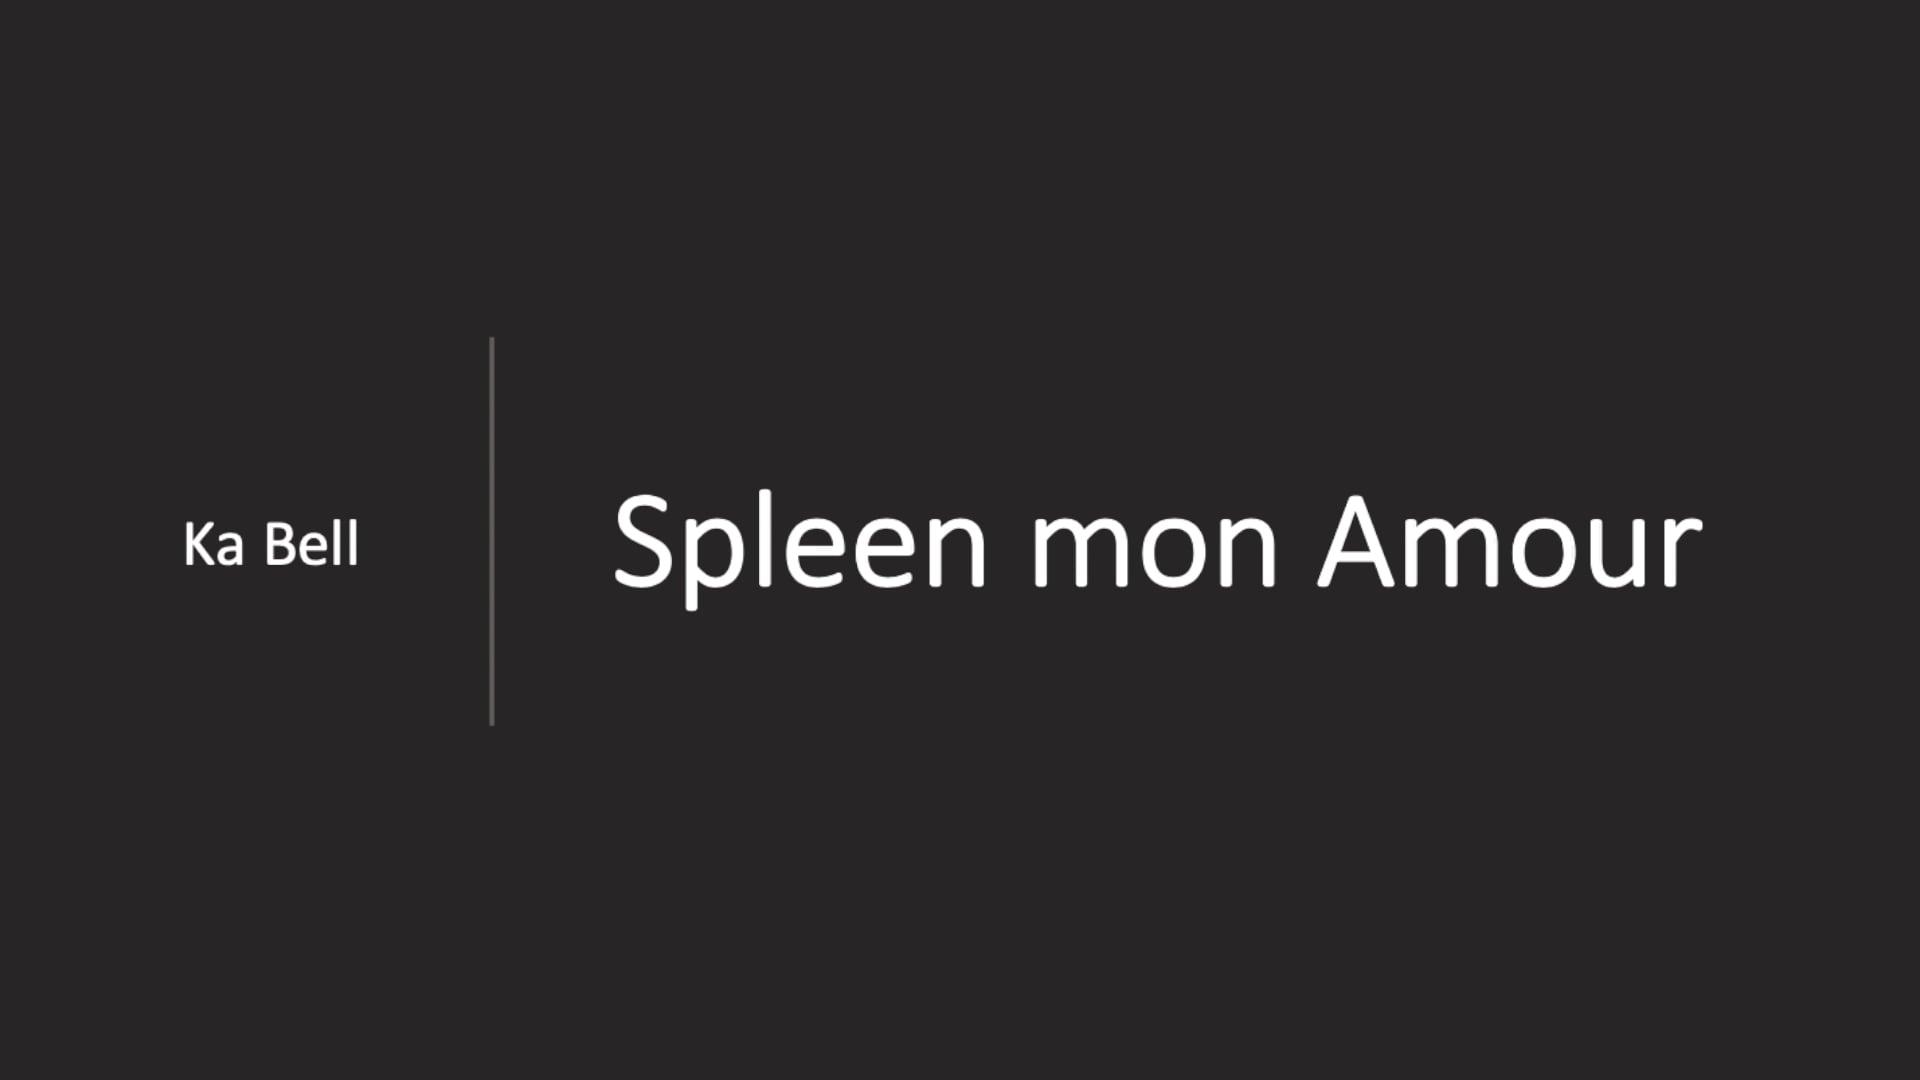 Spleen mon Amour  -  Ka Bell